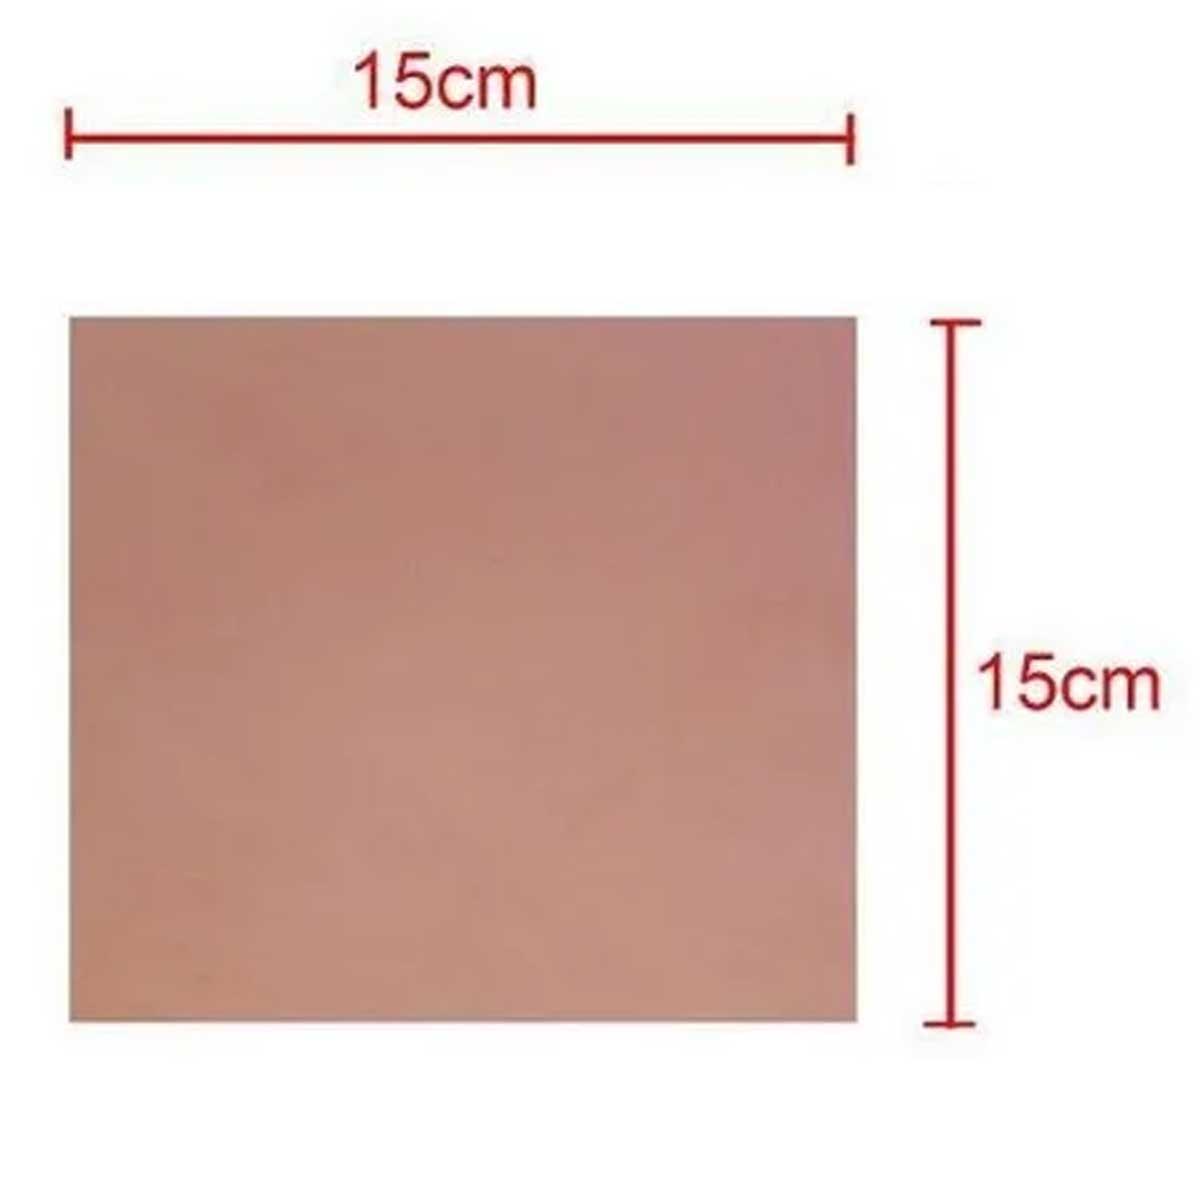 Placa de Fibra de Vidro Simples 15x15cm para Circuito Impresso - PCI